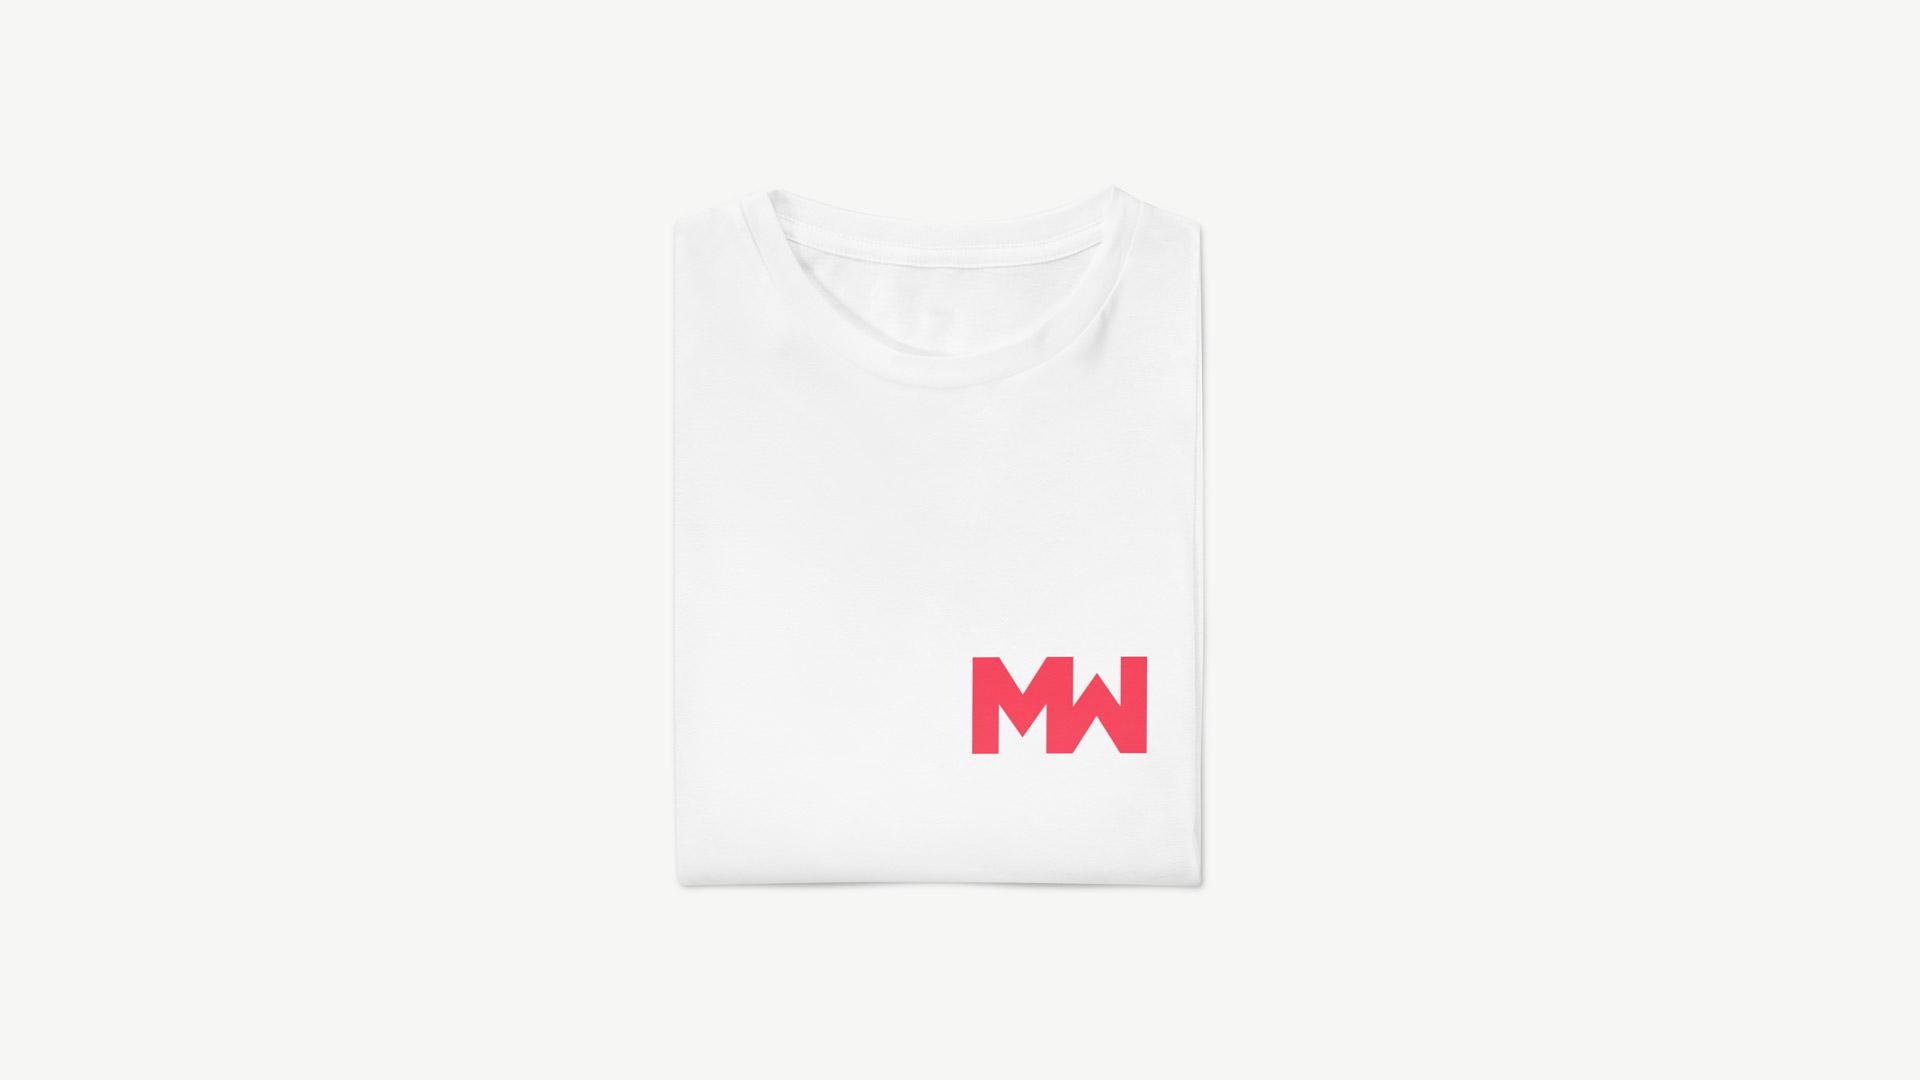 miami_9